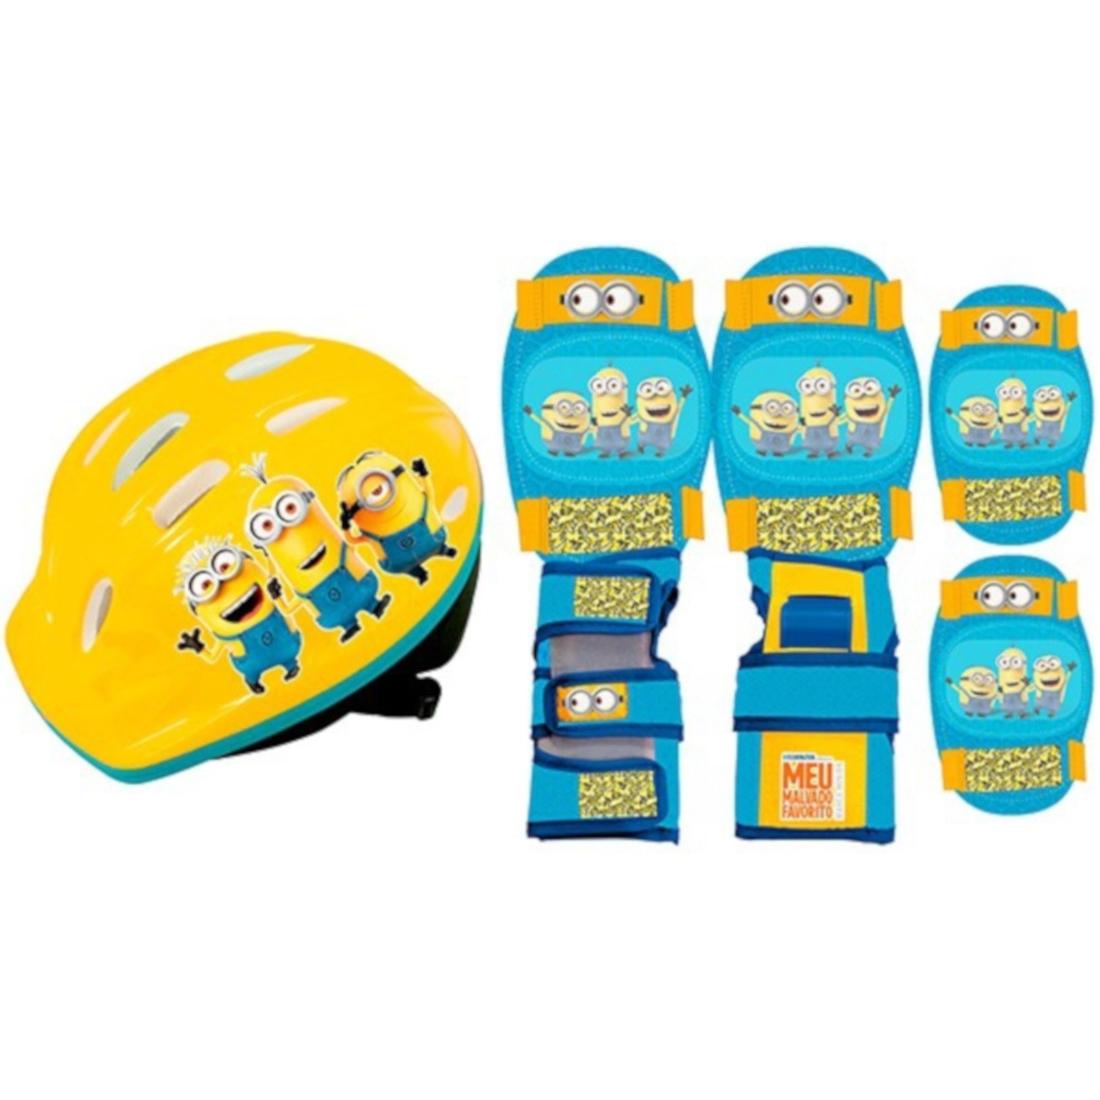 Capacete + Kit de Proteção Ajustável Infantil Minions